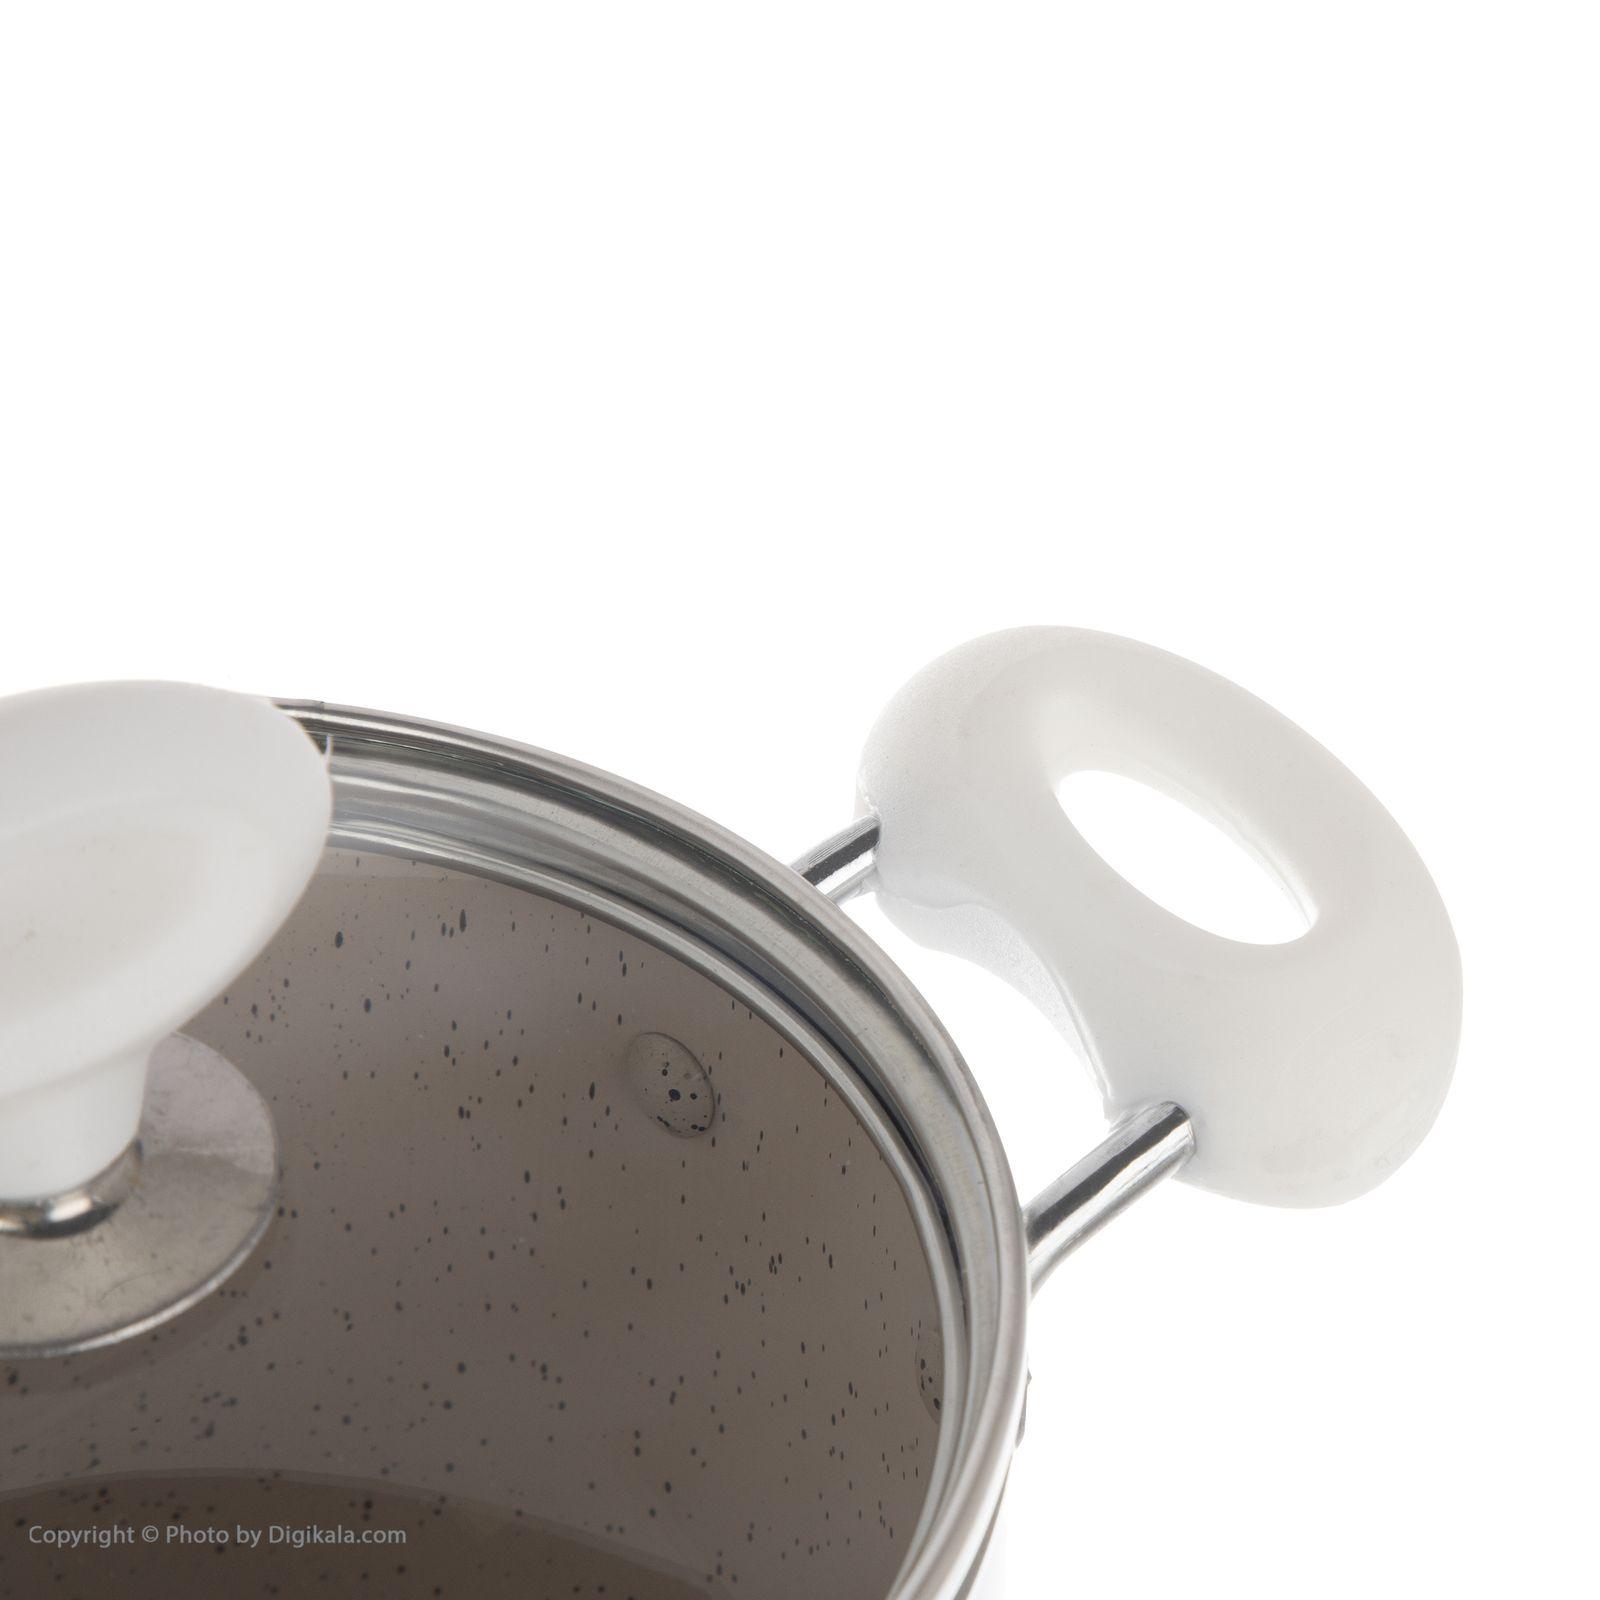 سرویس پخت و پز 4 پارچه نالینو مدل K172 main 1 8